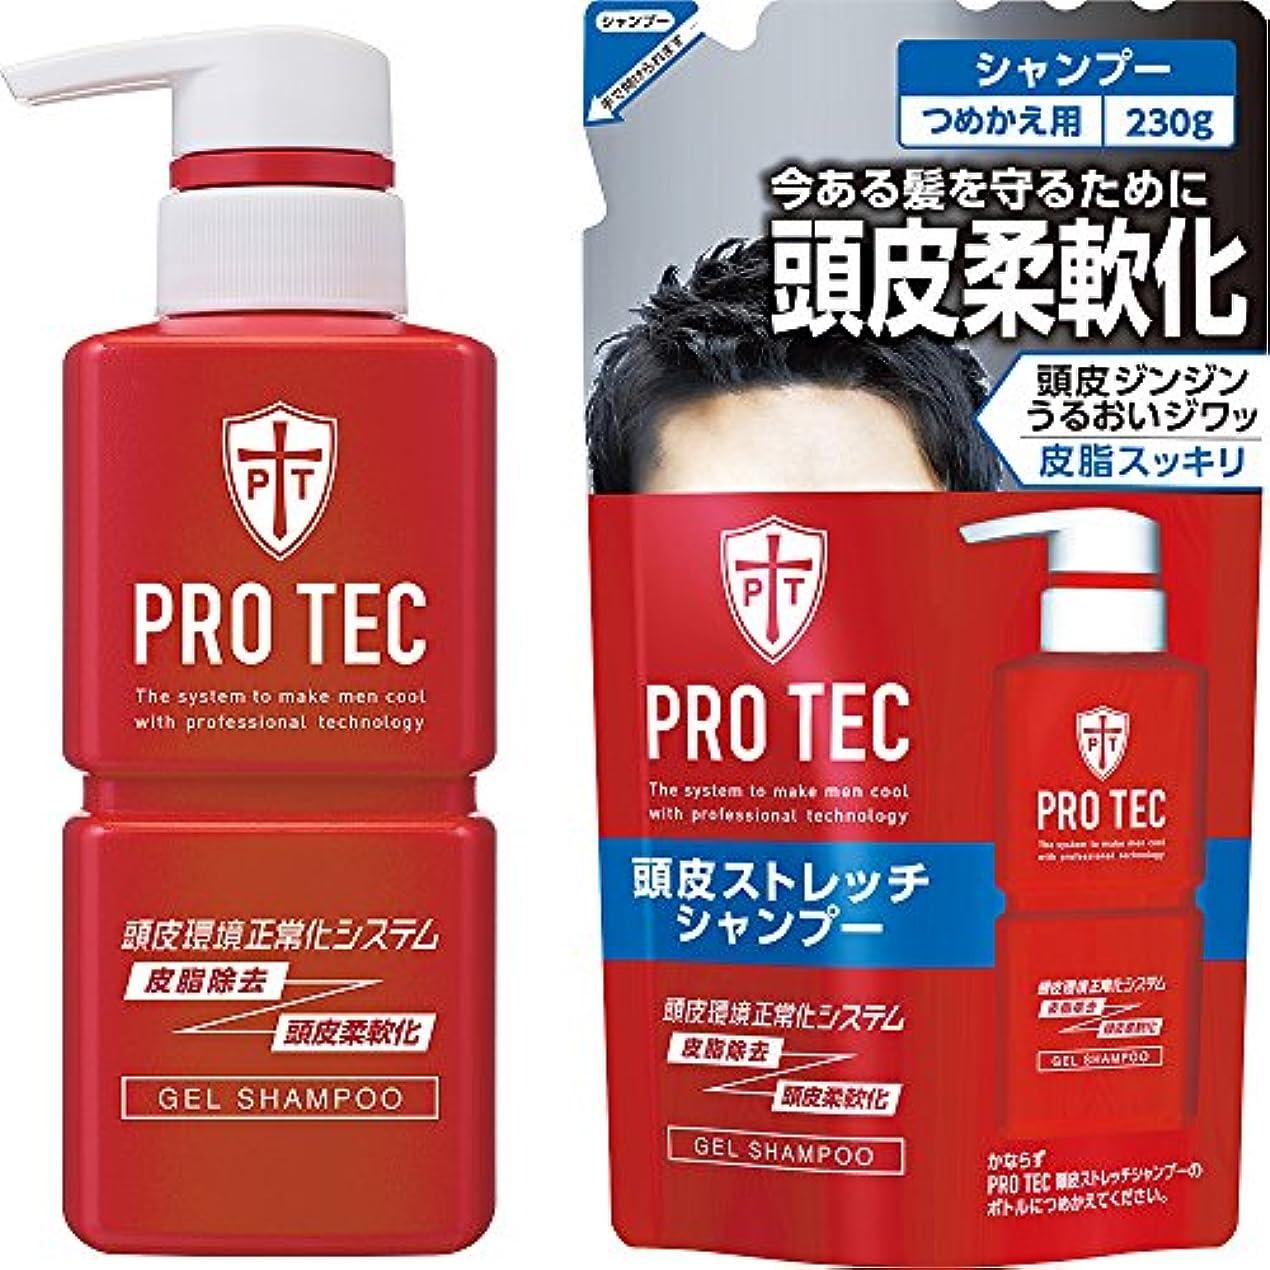 パイプラインファンブルスチュワードPRO TEC(プロテク) 頭皮ストレッチシャンプー 本体ポンプ300g+詰め替え230g セット(医薬部外品)